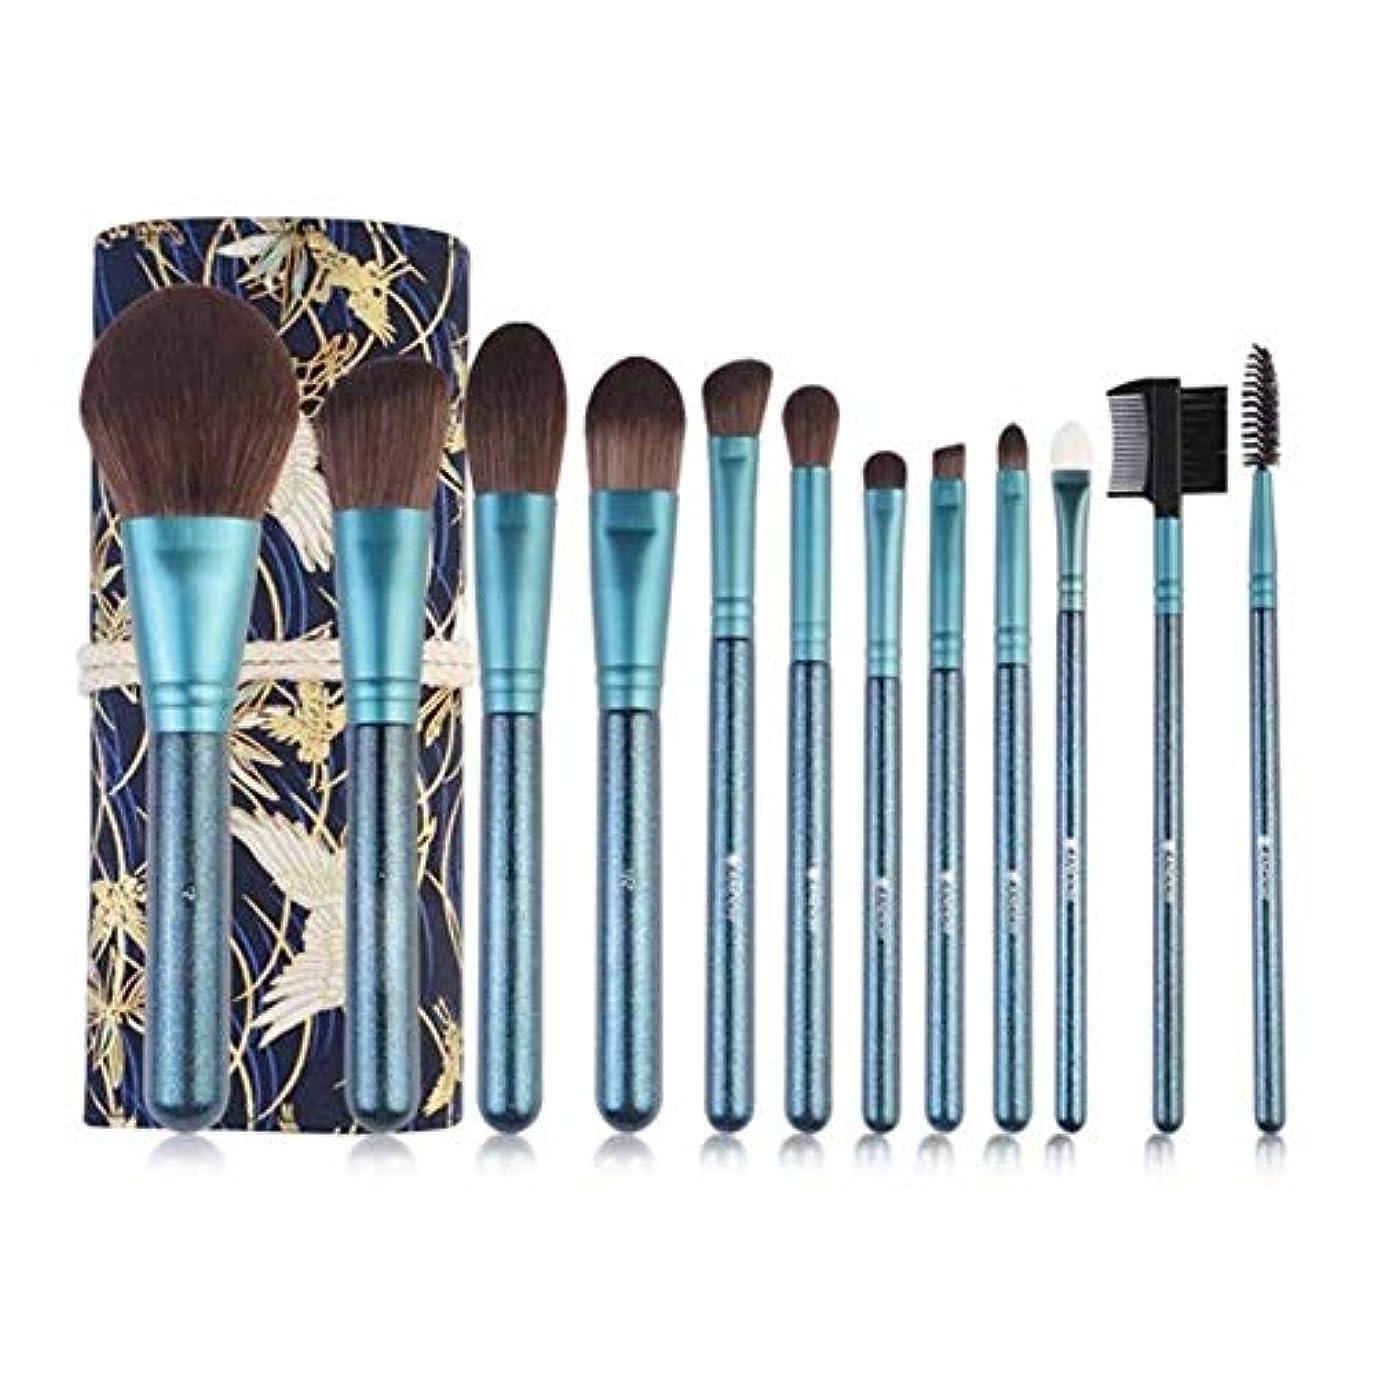 ガイド時折アメリカXIAOCHAOSD メイクブラシ、12のメイクブラシセット、柔らかく、プロと初心者の美容ツールに適した繊細なメイクアップツール、ブルー、ホワイト (Color : Blue)